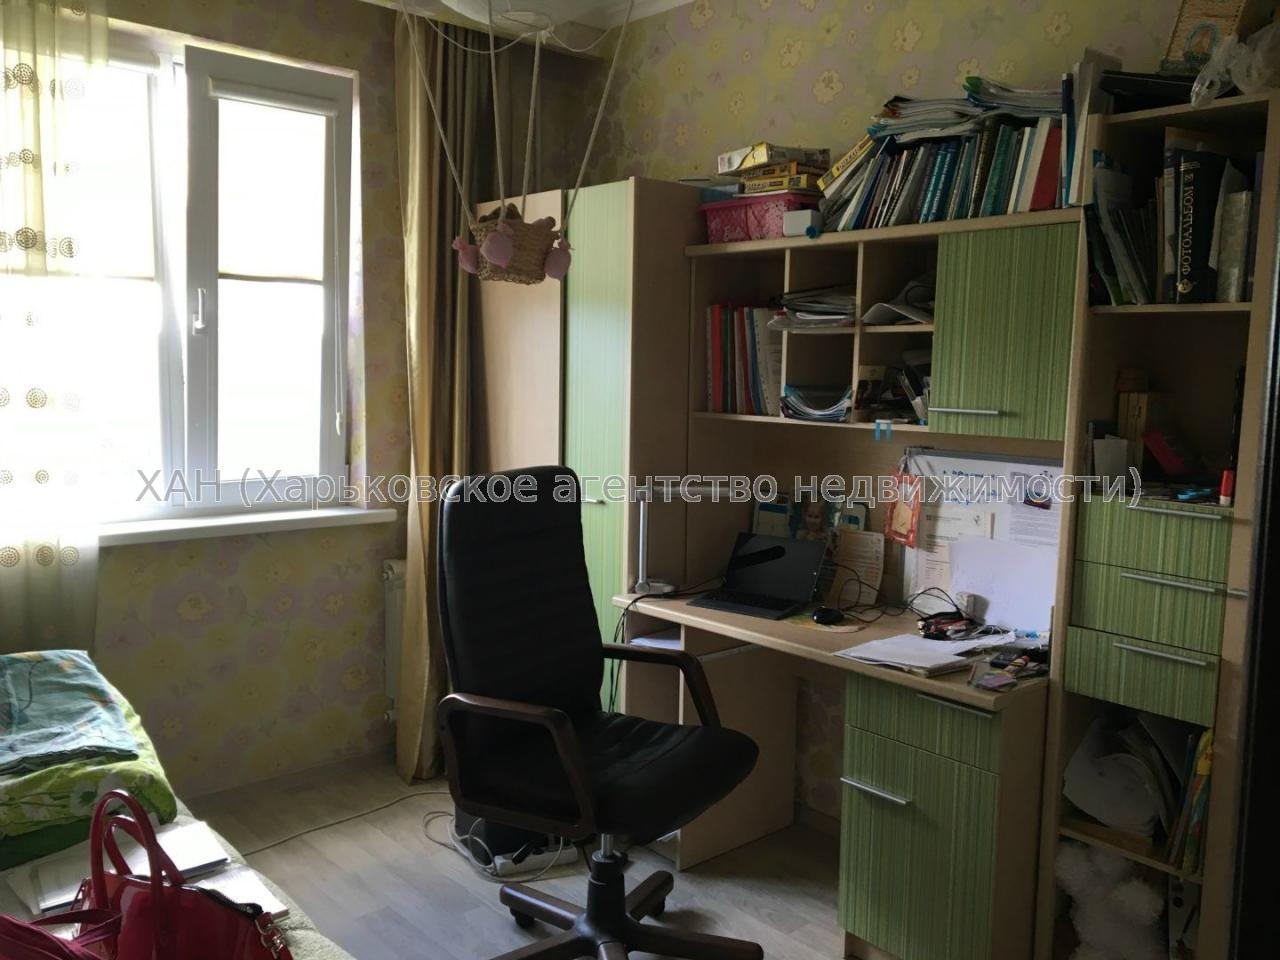 Продам квартиру Харьков, Матюшенко ул. 3